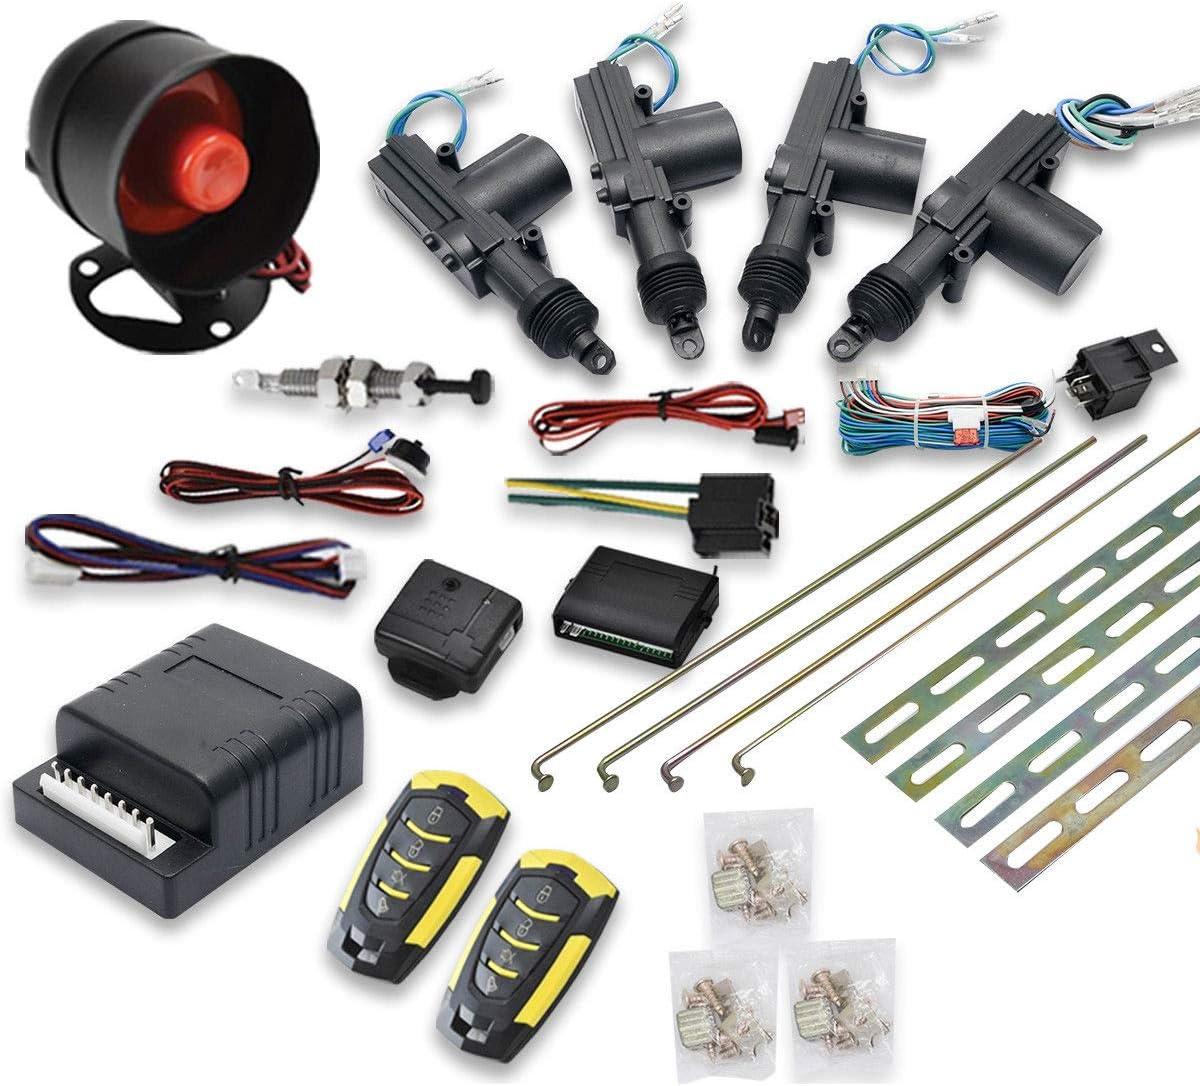 MASO - Kit de Bloqueo Central para Coche, 4 Puertas, Sistema de Entrada sin Llave + Sistema de inmovilizador de Alarma antirrobo con Sensor de Choque, Universal, se Adapta a Todos los Ca